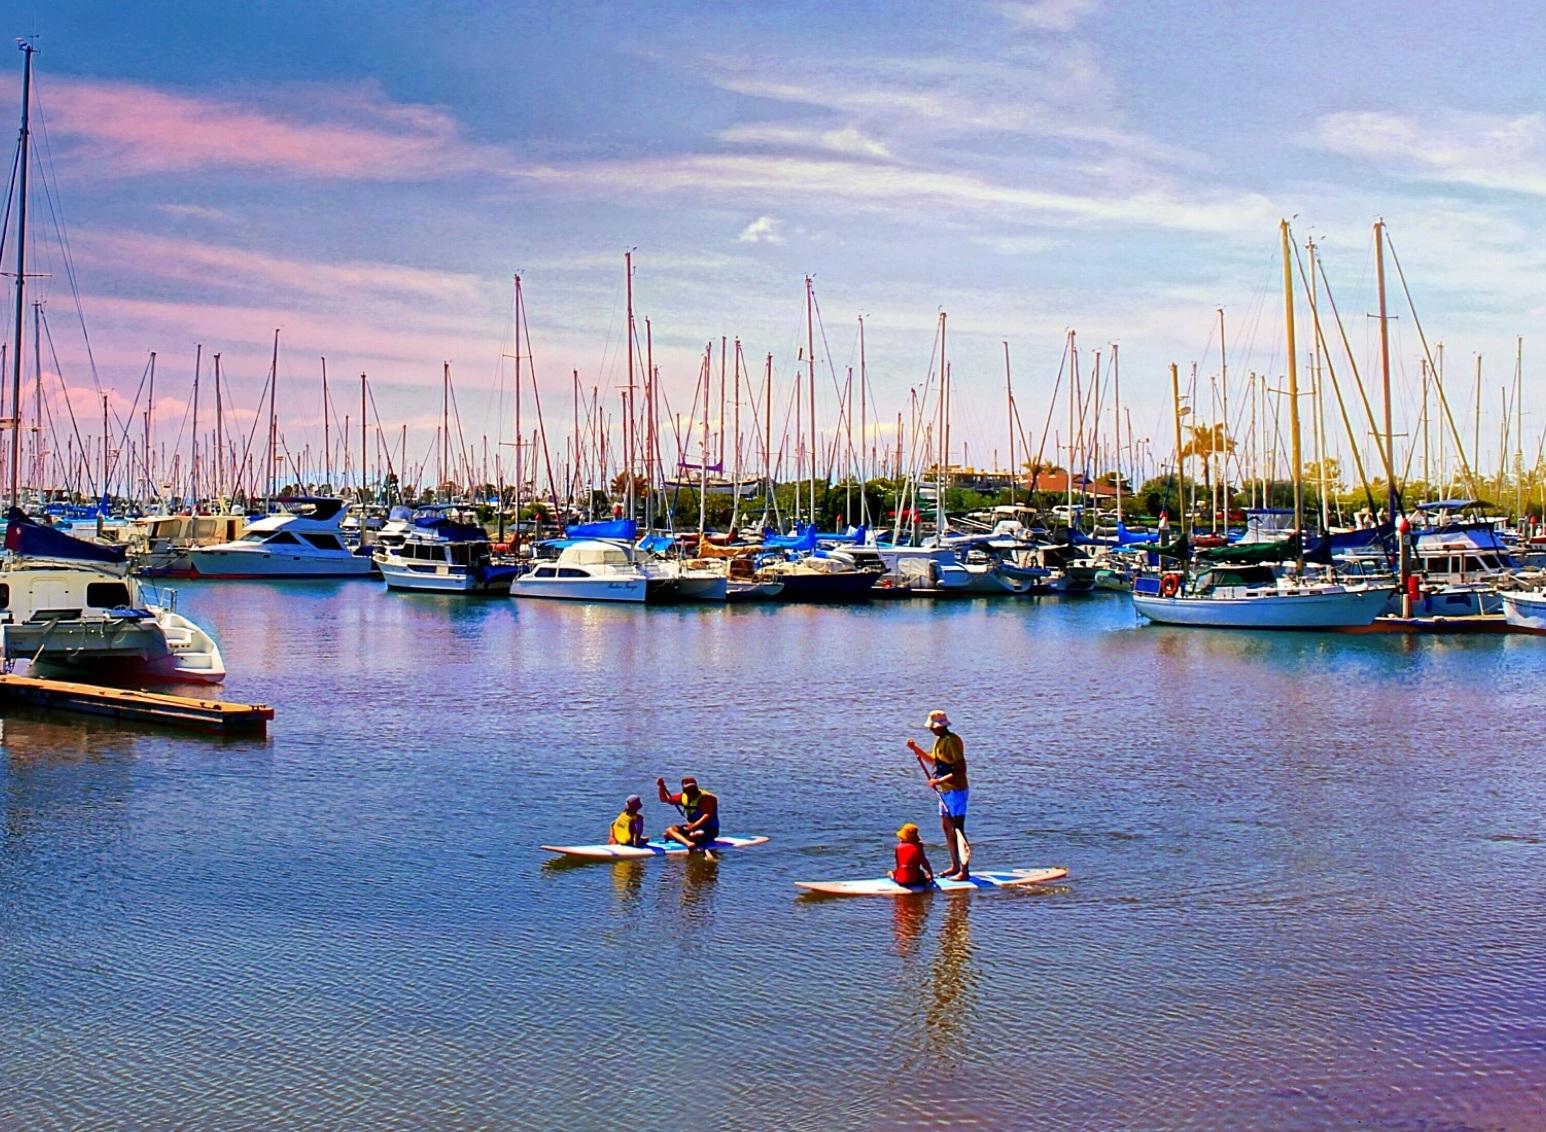 Kids Paddle Boarding by Lili Dingle